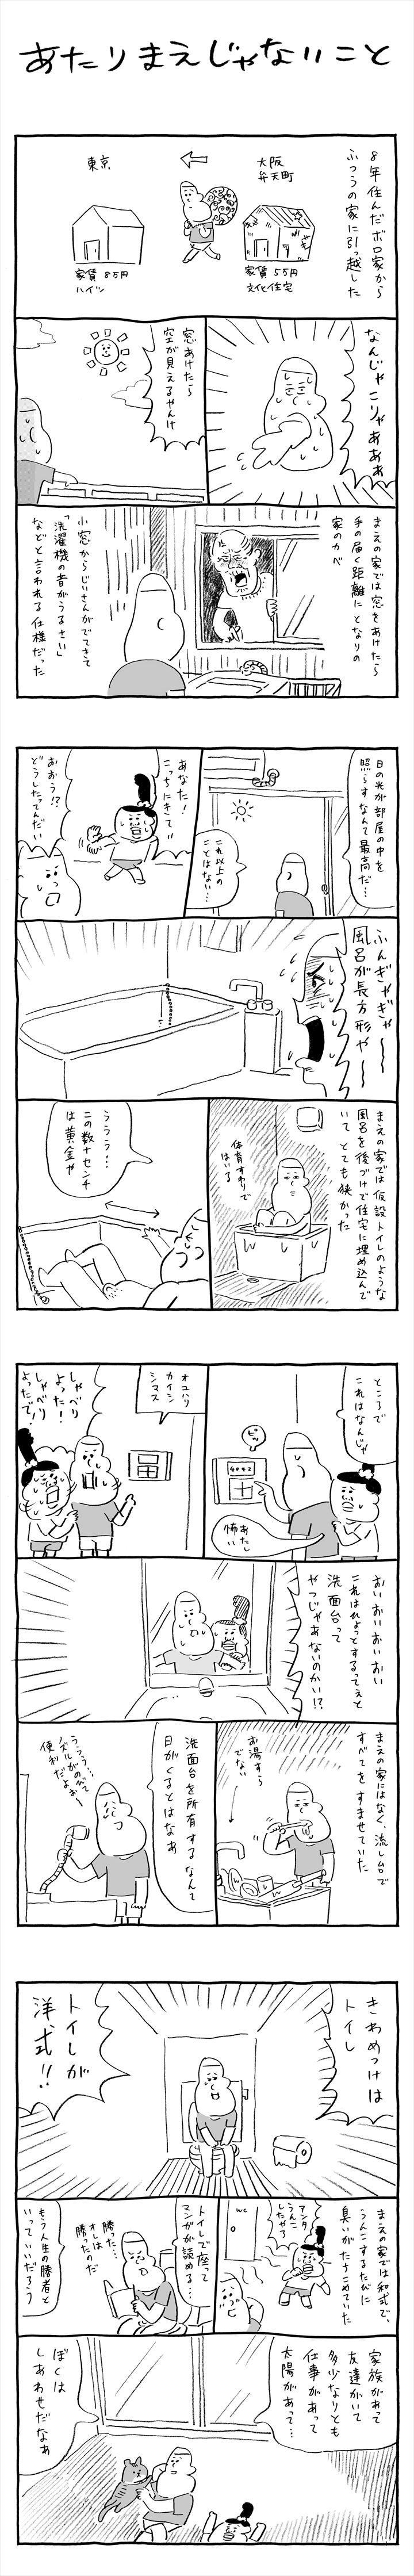 【感謝でいっぱい】koyama19_R うわ ごっつ他人事じゃない感が…